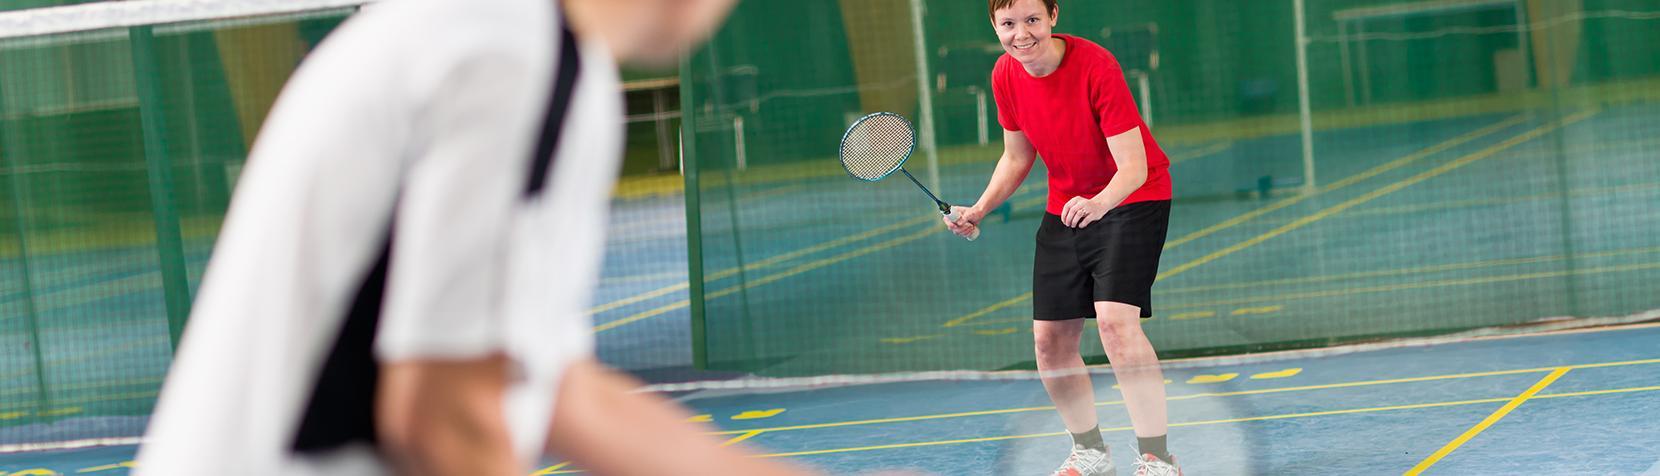 To der spiller badminton på en bane